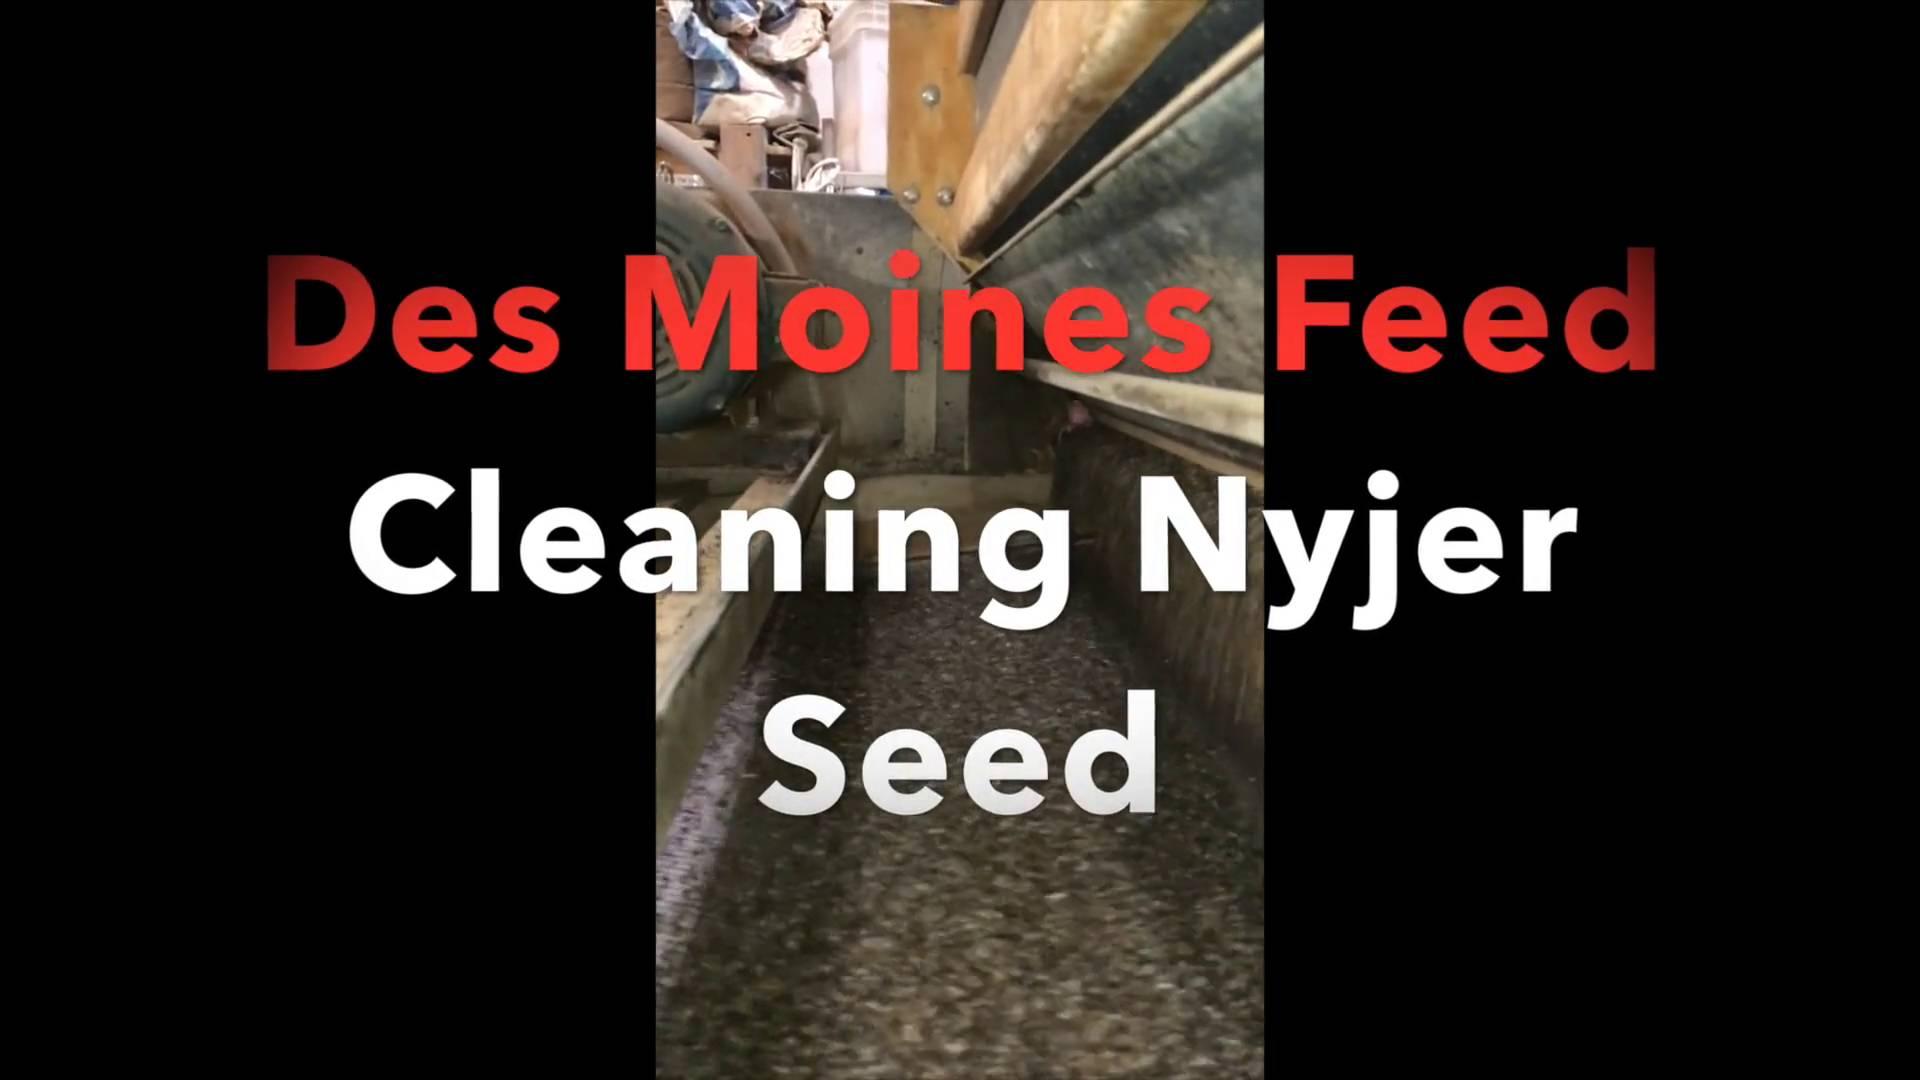 NYJER Seed 99.5 Clean